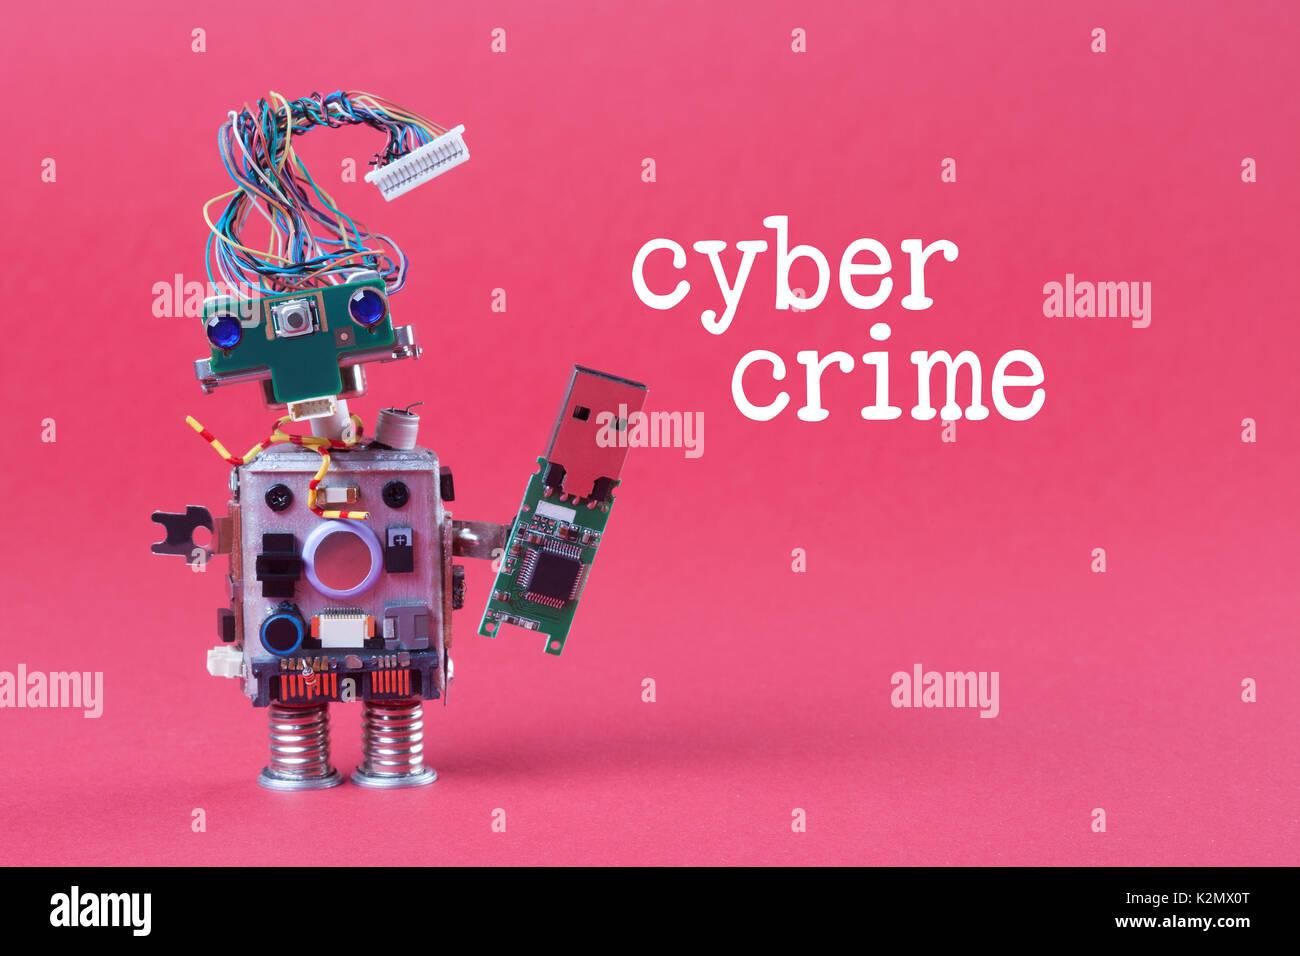 La cybercriminalité et le piratage de données concept. Retro robot avec stockage flash usb stick, caractère élégant ordinateur blue eyed head, le fil électrique hairstyle. Fond rose Photo Stock